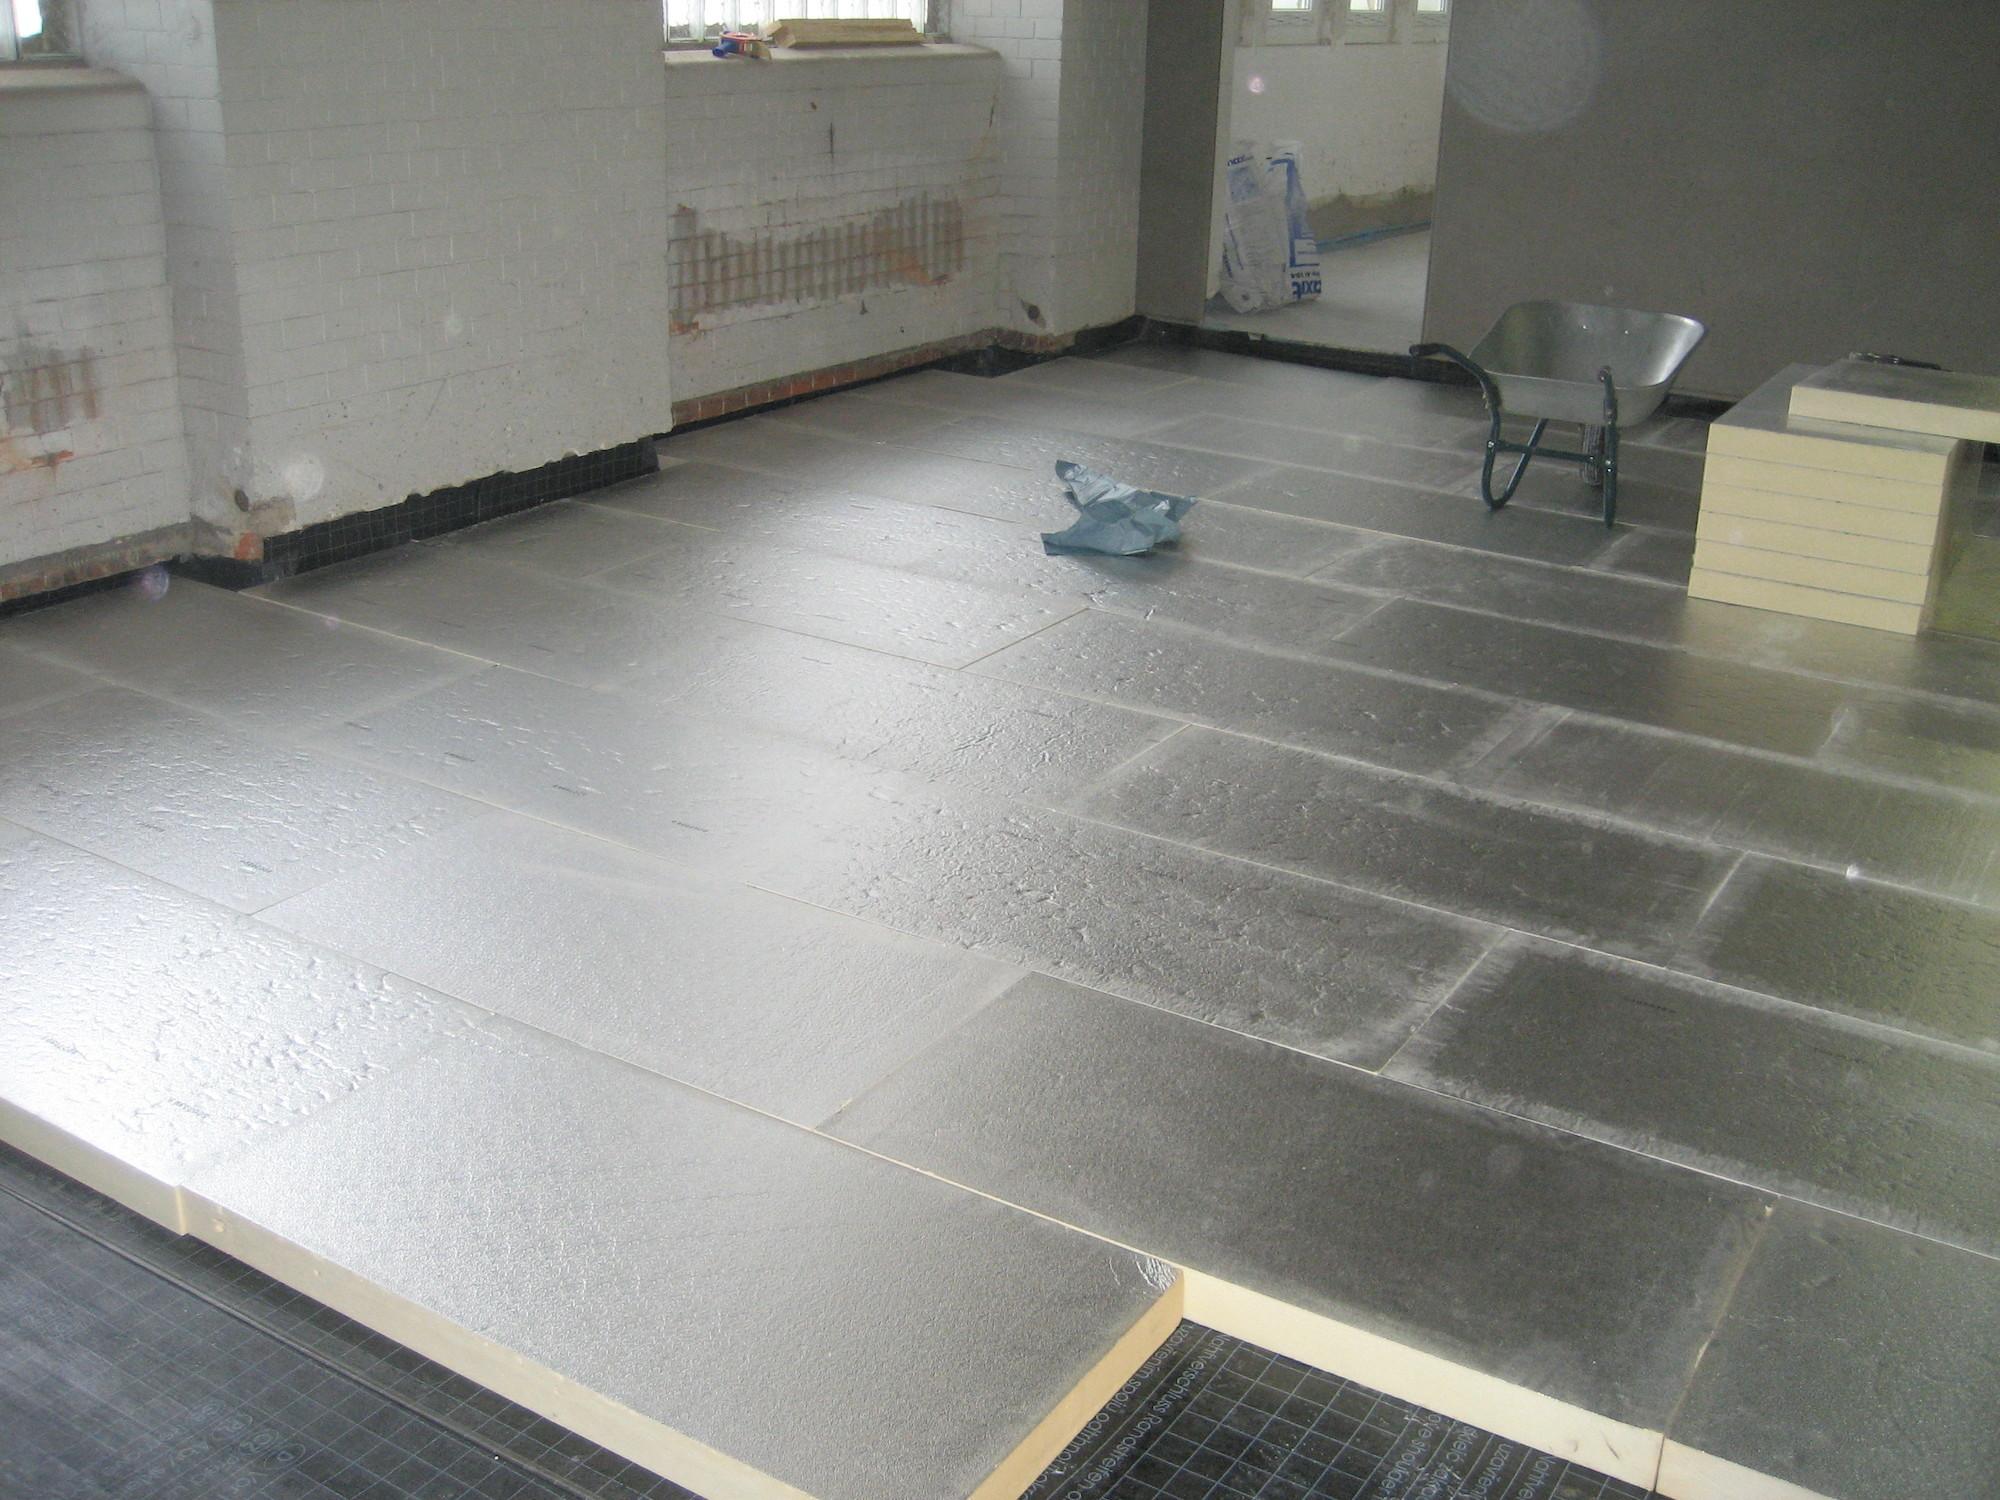 fussboden dmmung wird zwischen balken dmmung gesprht with fussboden dmmung free perlit als. Black Bedroom Furniture Sets. Home Design Ideas